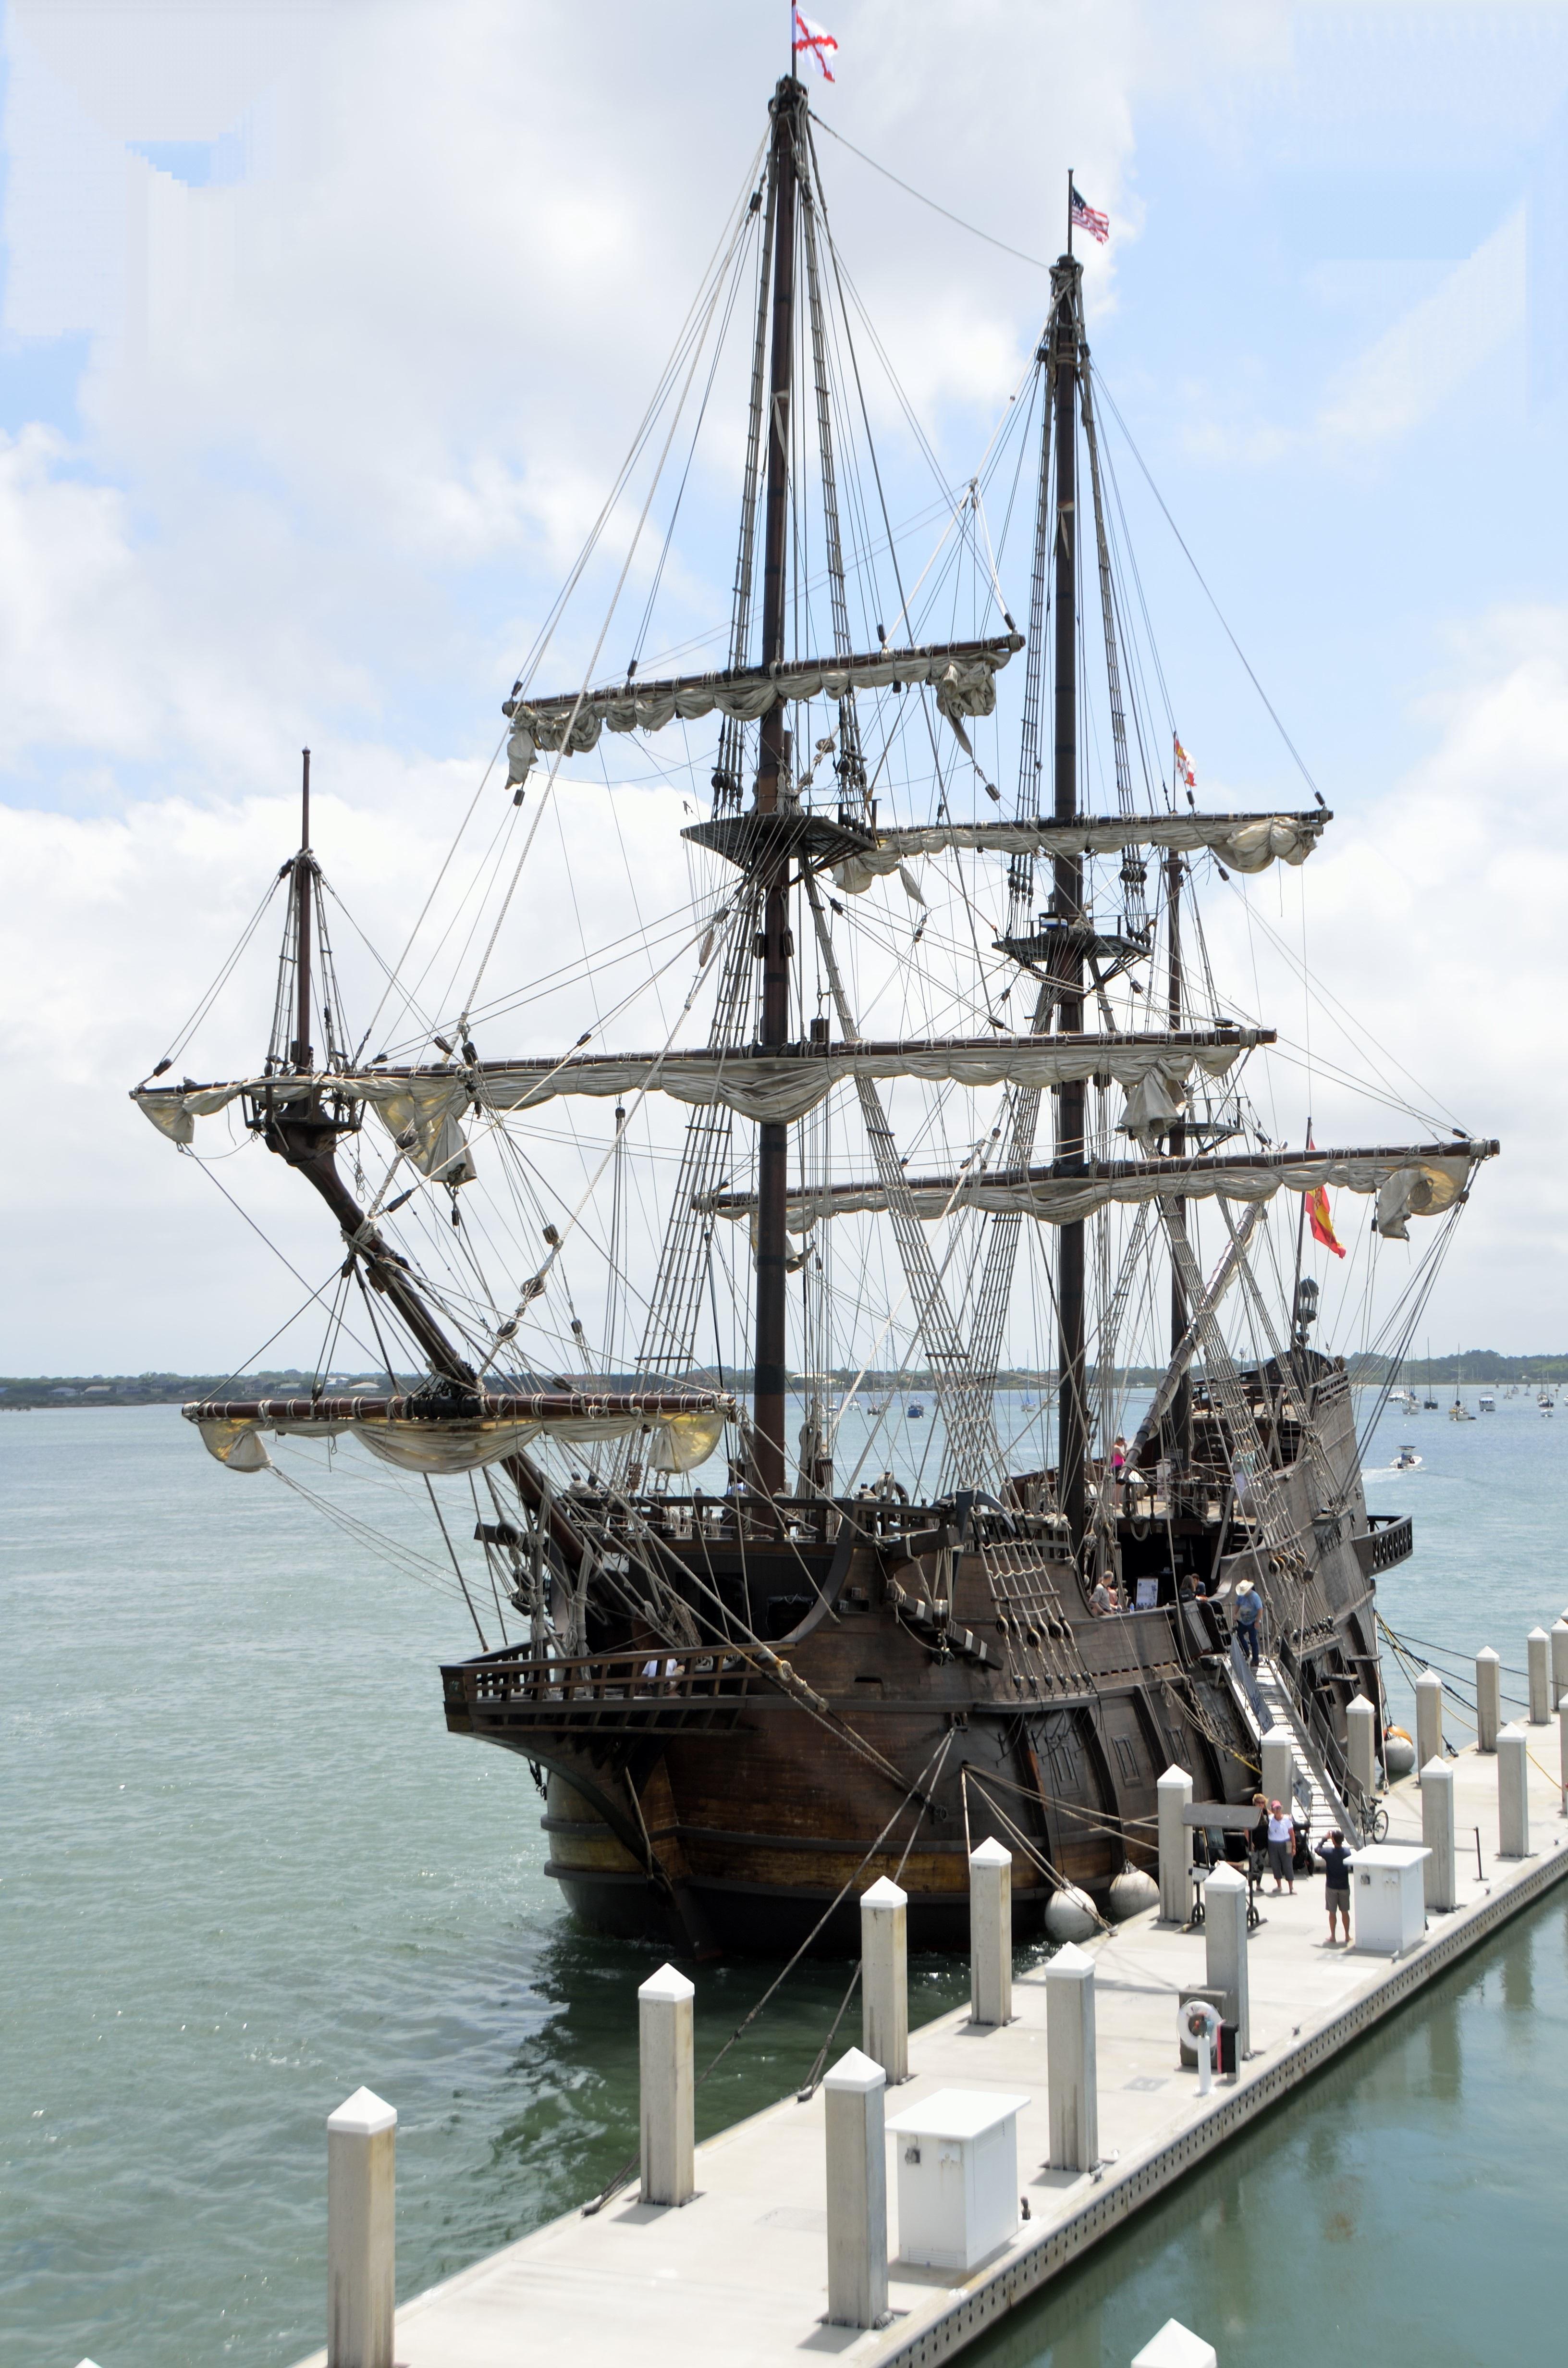 Free Images : sea, water, ocean, deck, wood, boat, vintage, antique